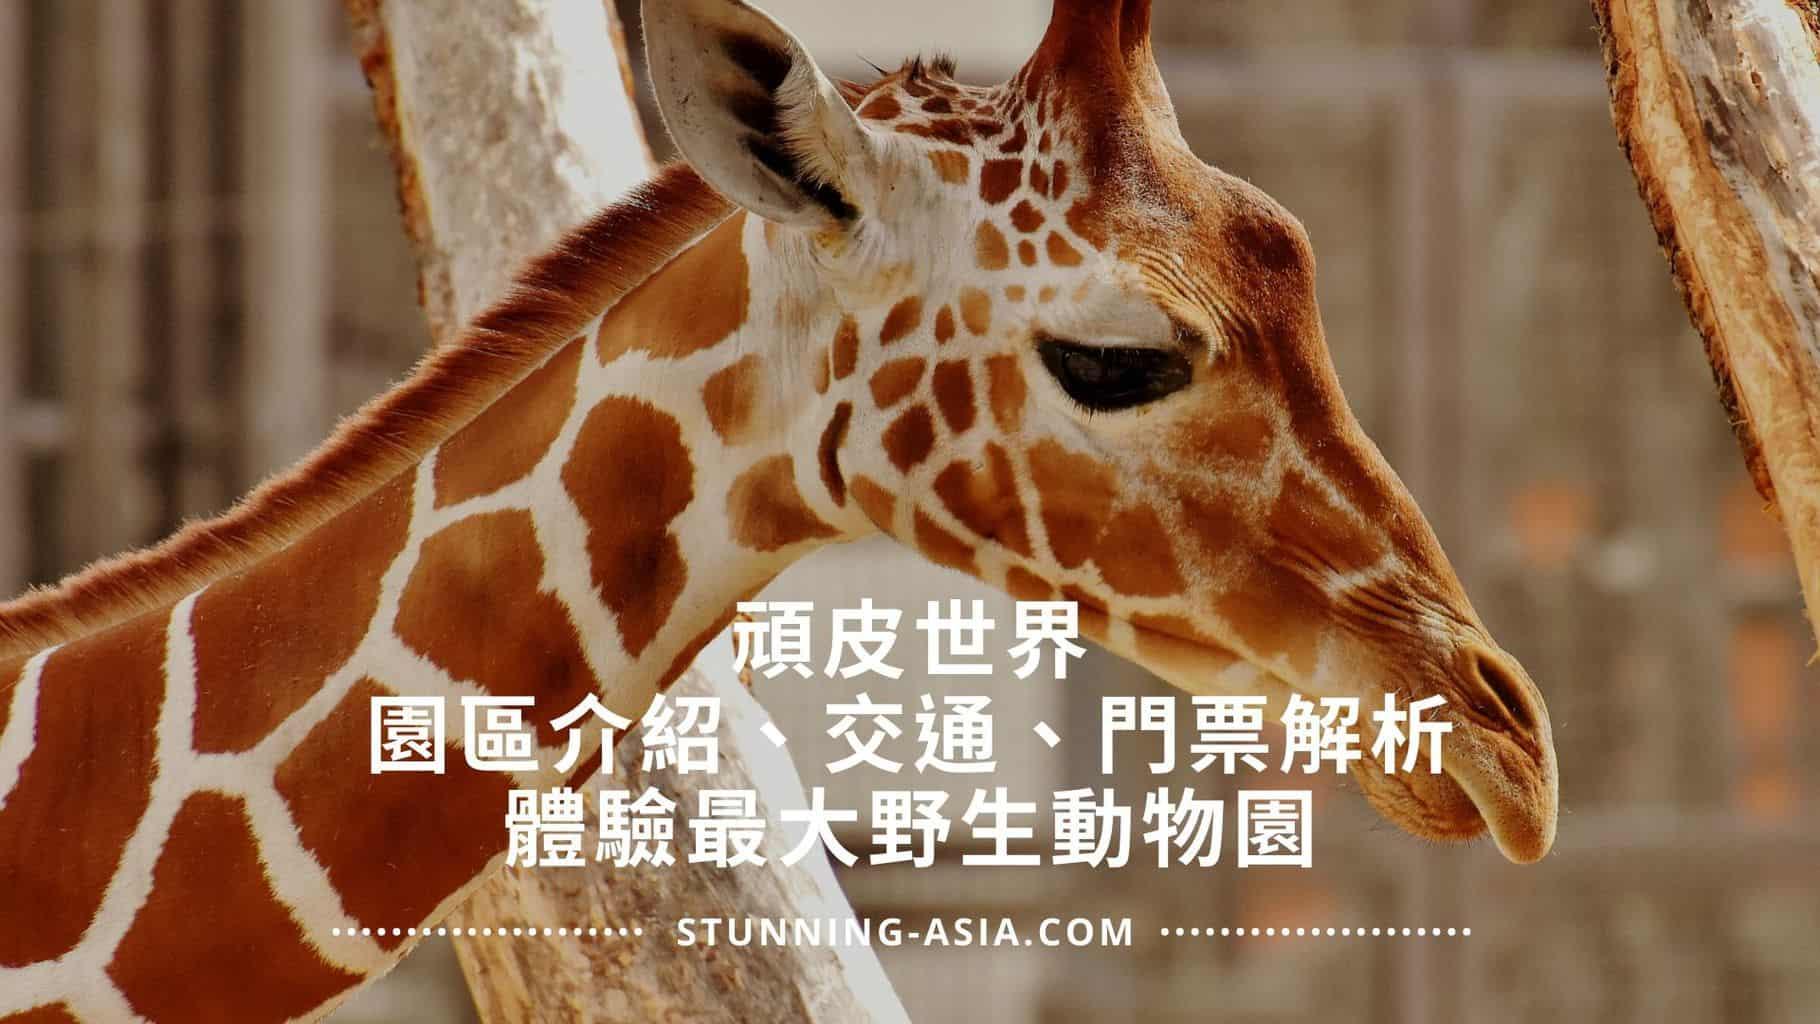 頑皮世界 野生動物園 園區介紹、門票解析、交通方式